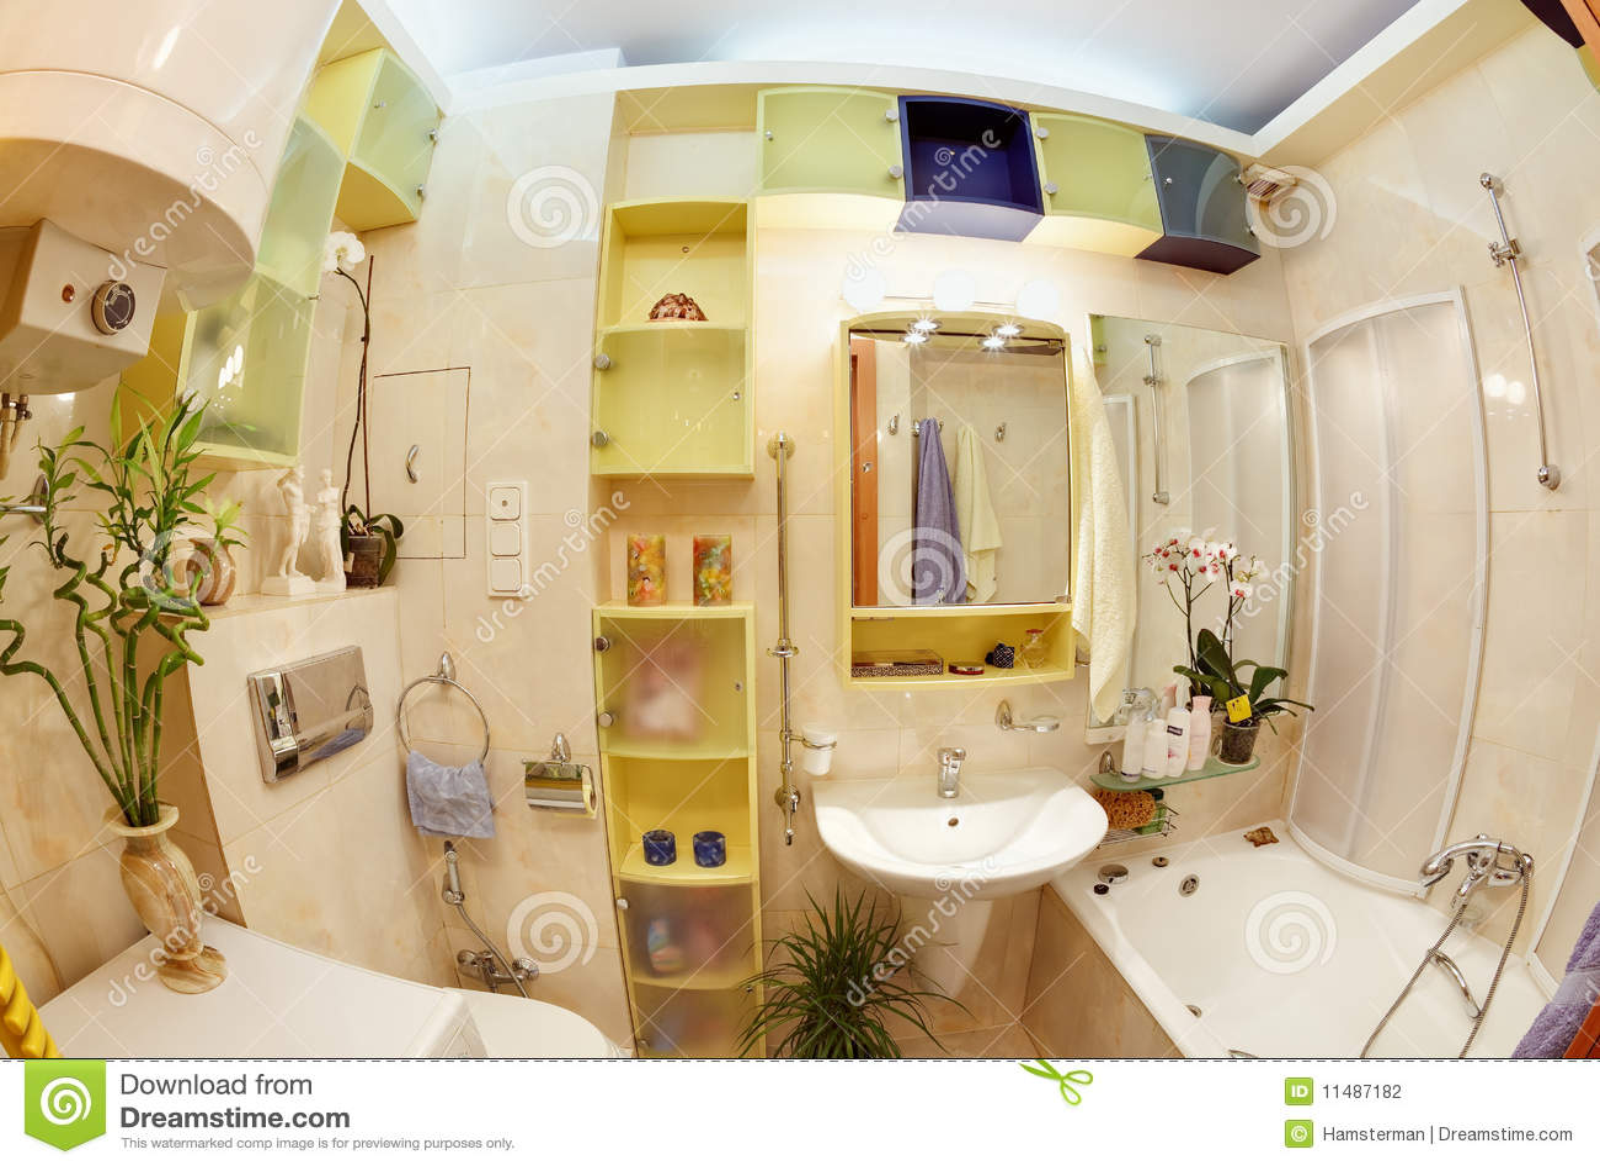 Foto Bagni Chiari : Idrosanitaria chiari promozione bagno completo